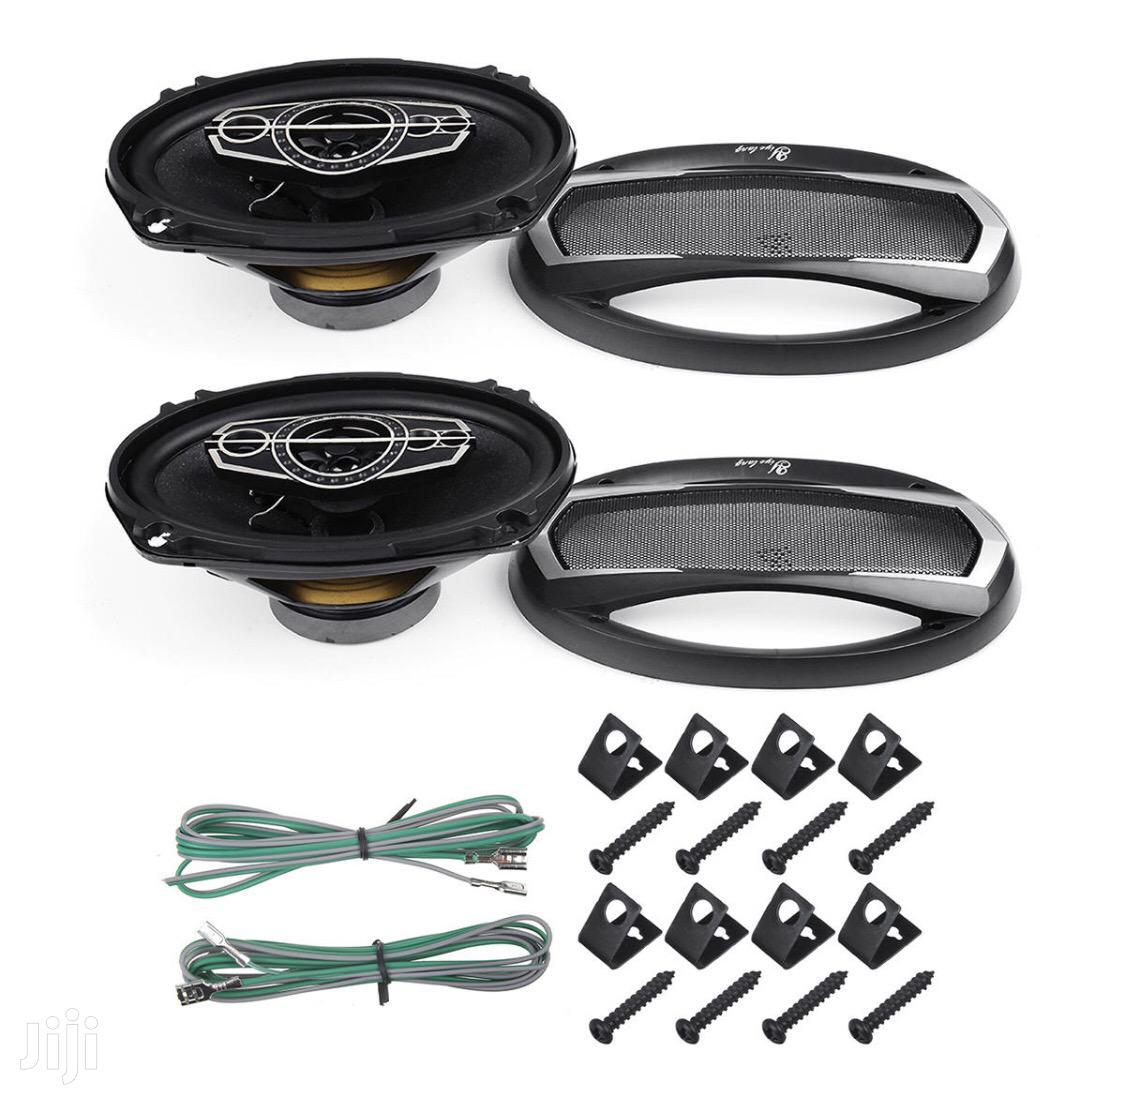 Full Range Car Bass Speakers for Rear